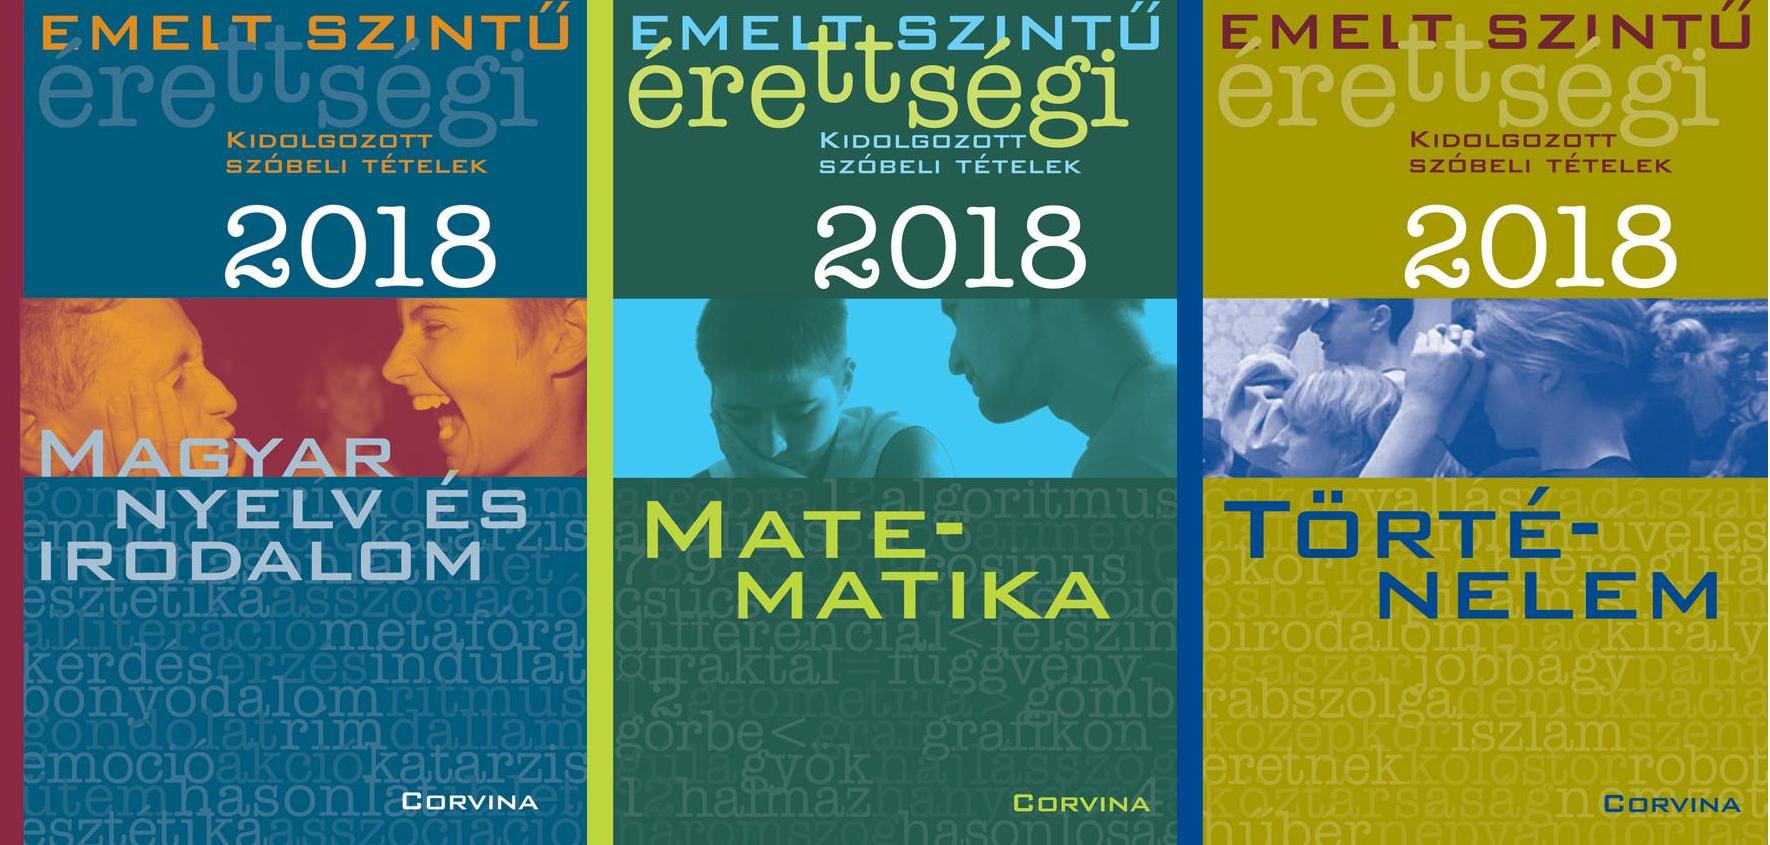 erettsegi-2018.png